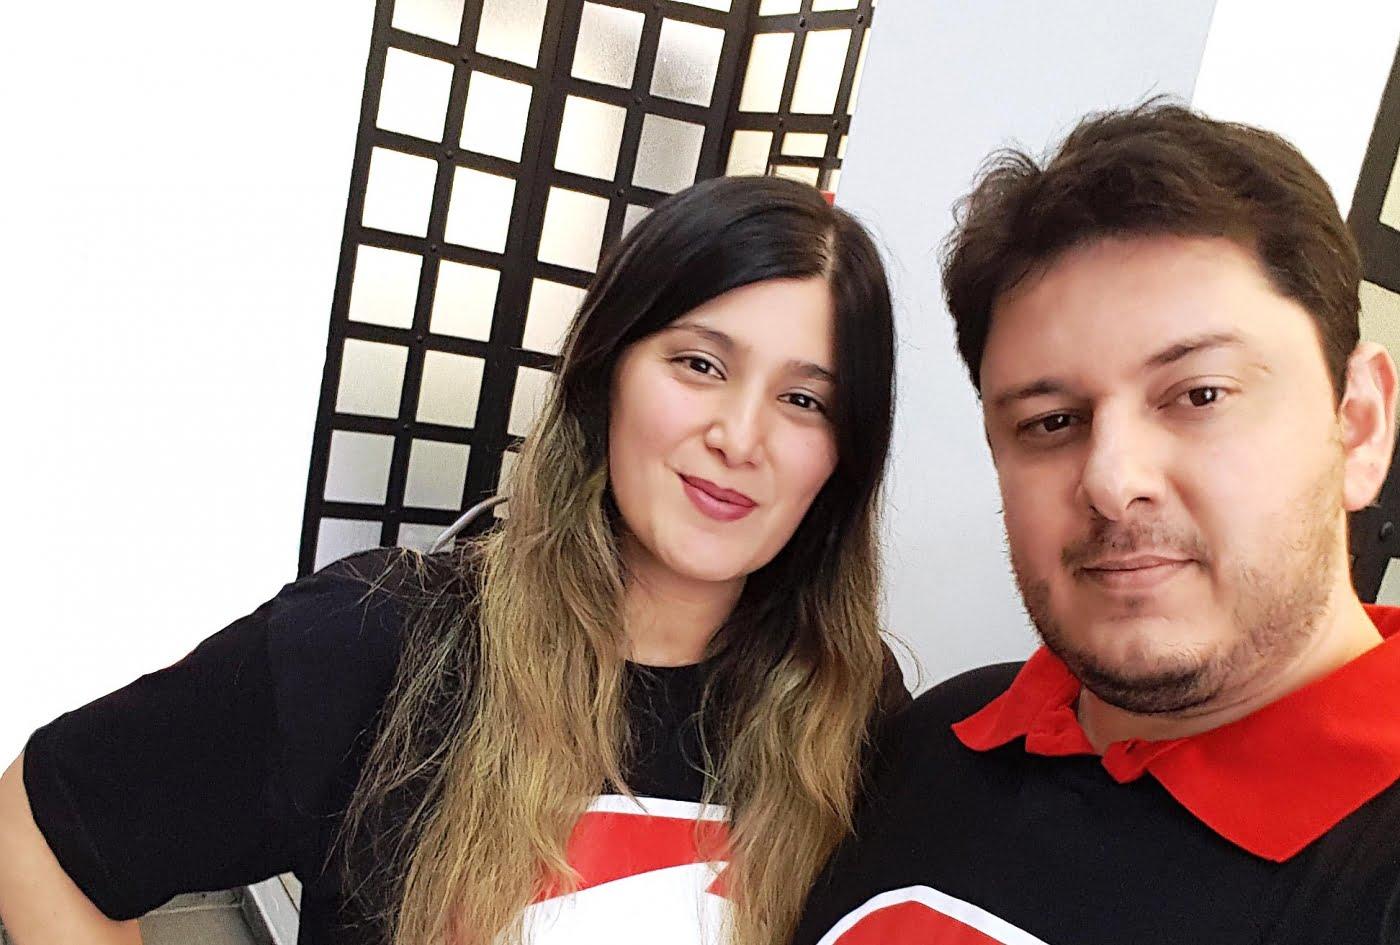 Os fundadores da SuperGeeks, Vanessa Ban e Marco Giroto, tiveram duas startups antes de unir seus poderes para fundar uma escola de programação.